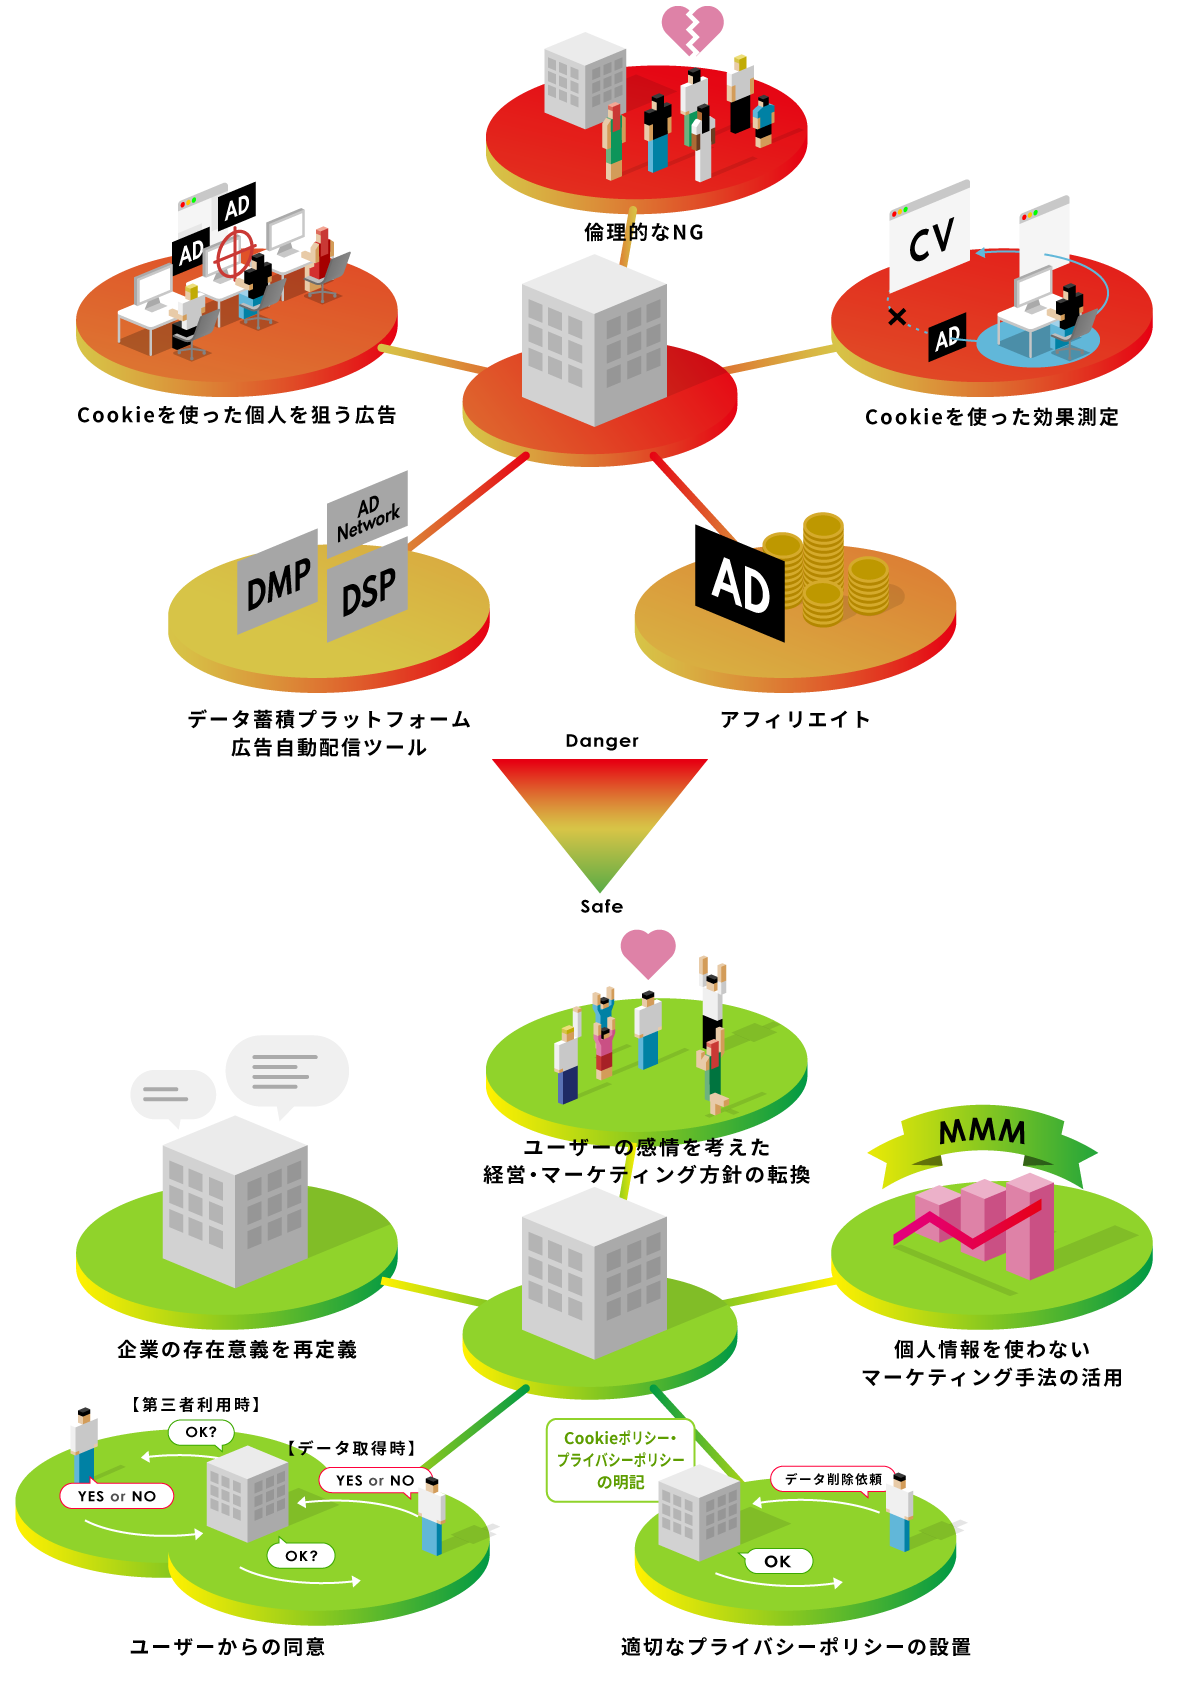 個人情報保護規制強化の潮流の中、企業に求められるアクション